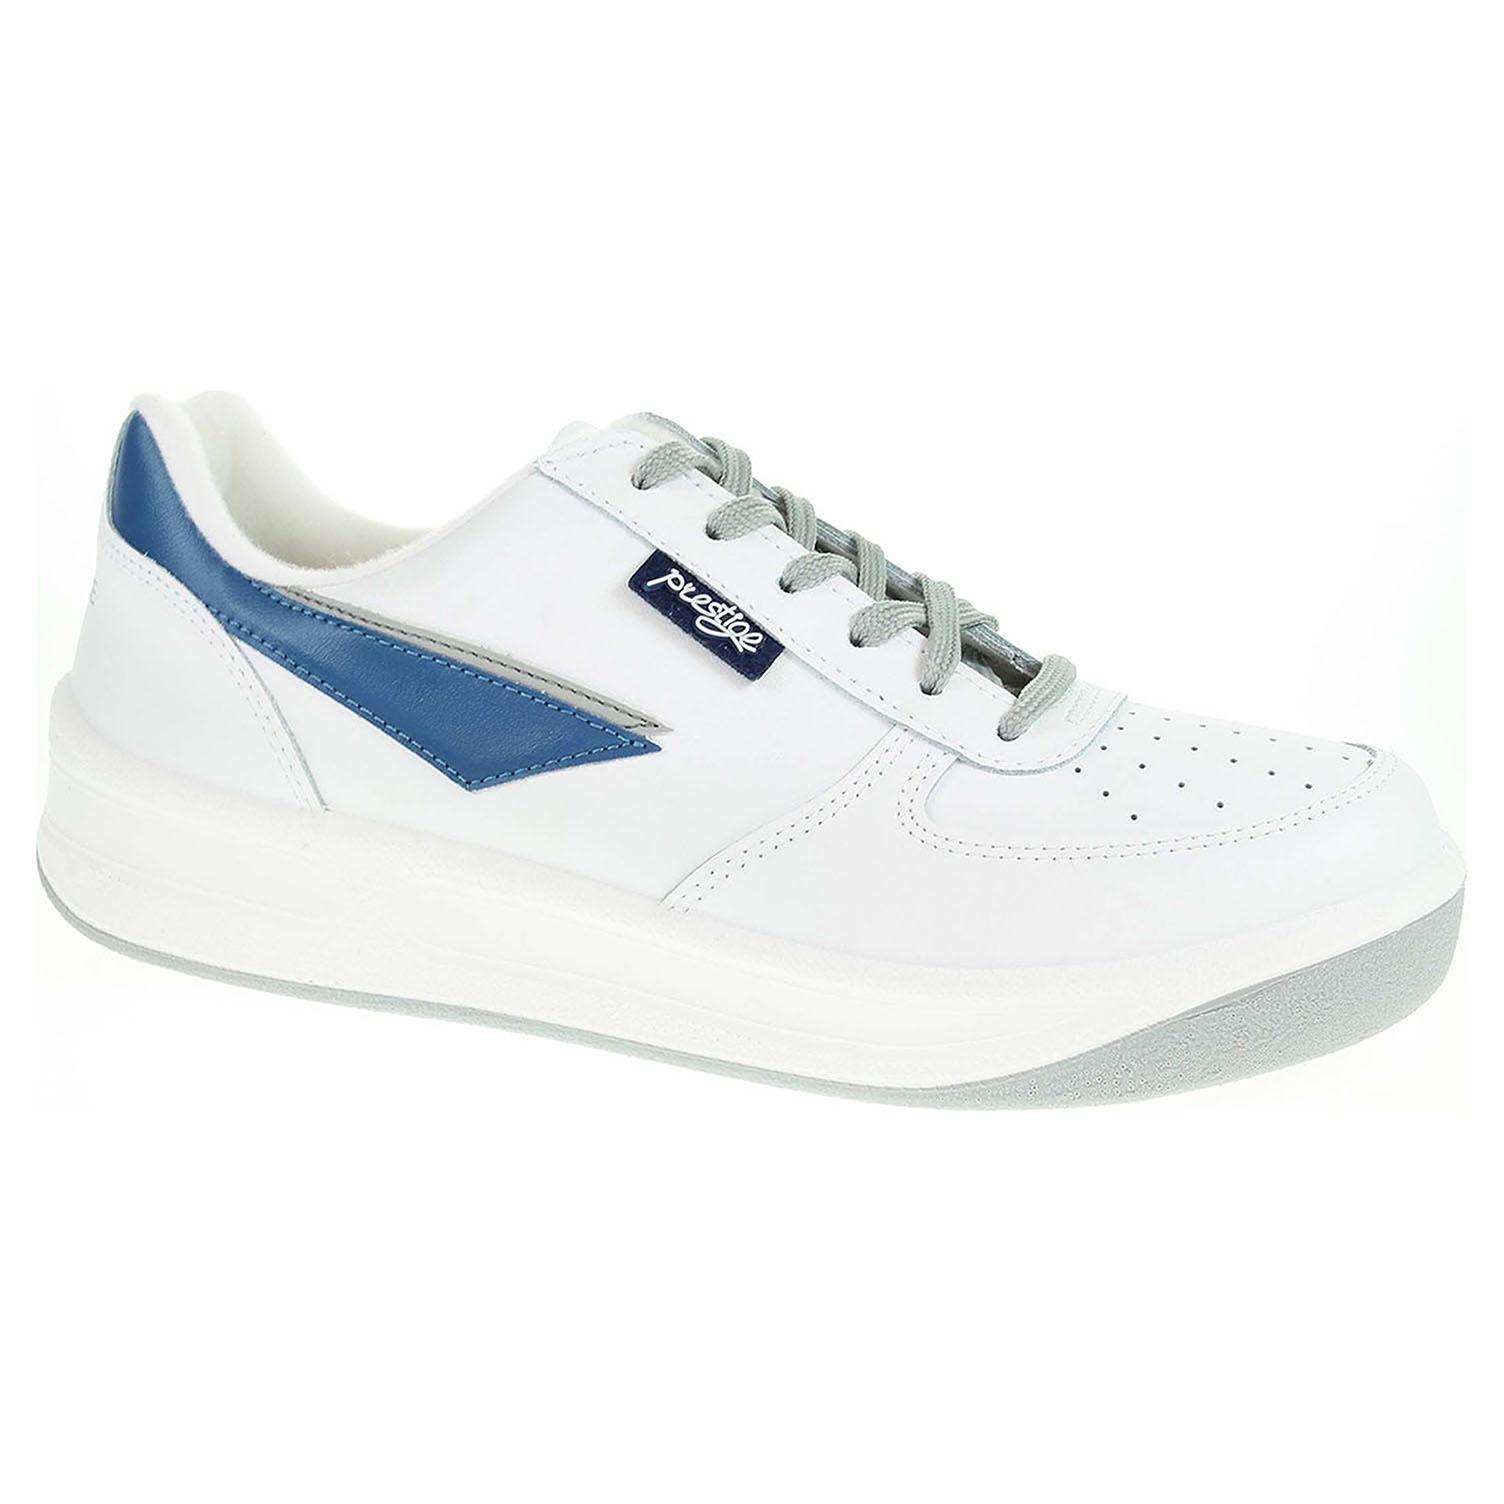 Pánská obuv Prestige 86808-10 bílá 86808-10 bílá 42